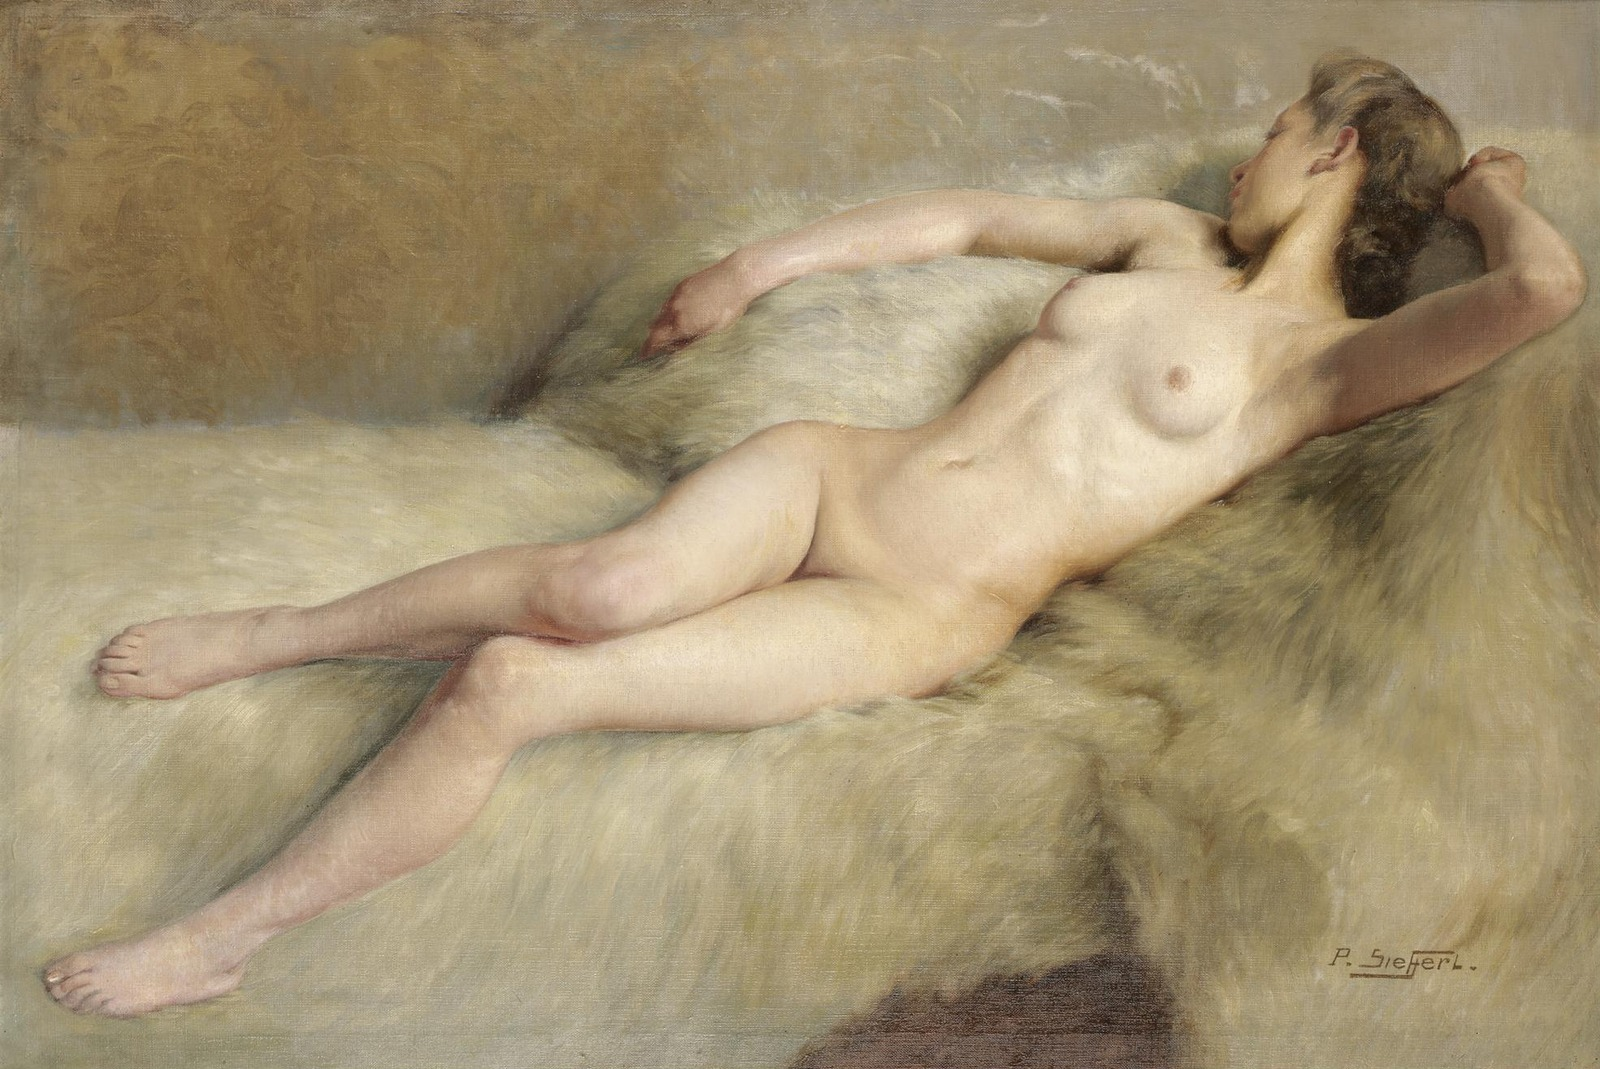 Поль Зиффер. №399. Модель (The Artist's Model). 65 х 96. Холст, масло. Частное собрание.